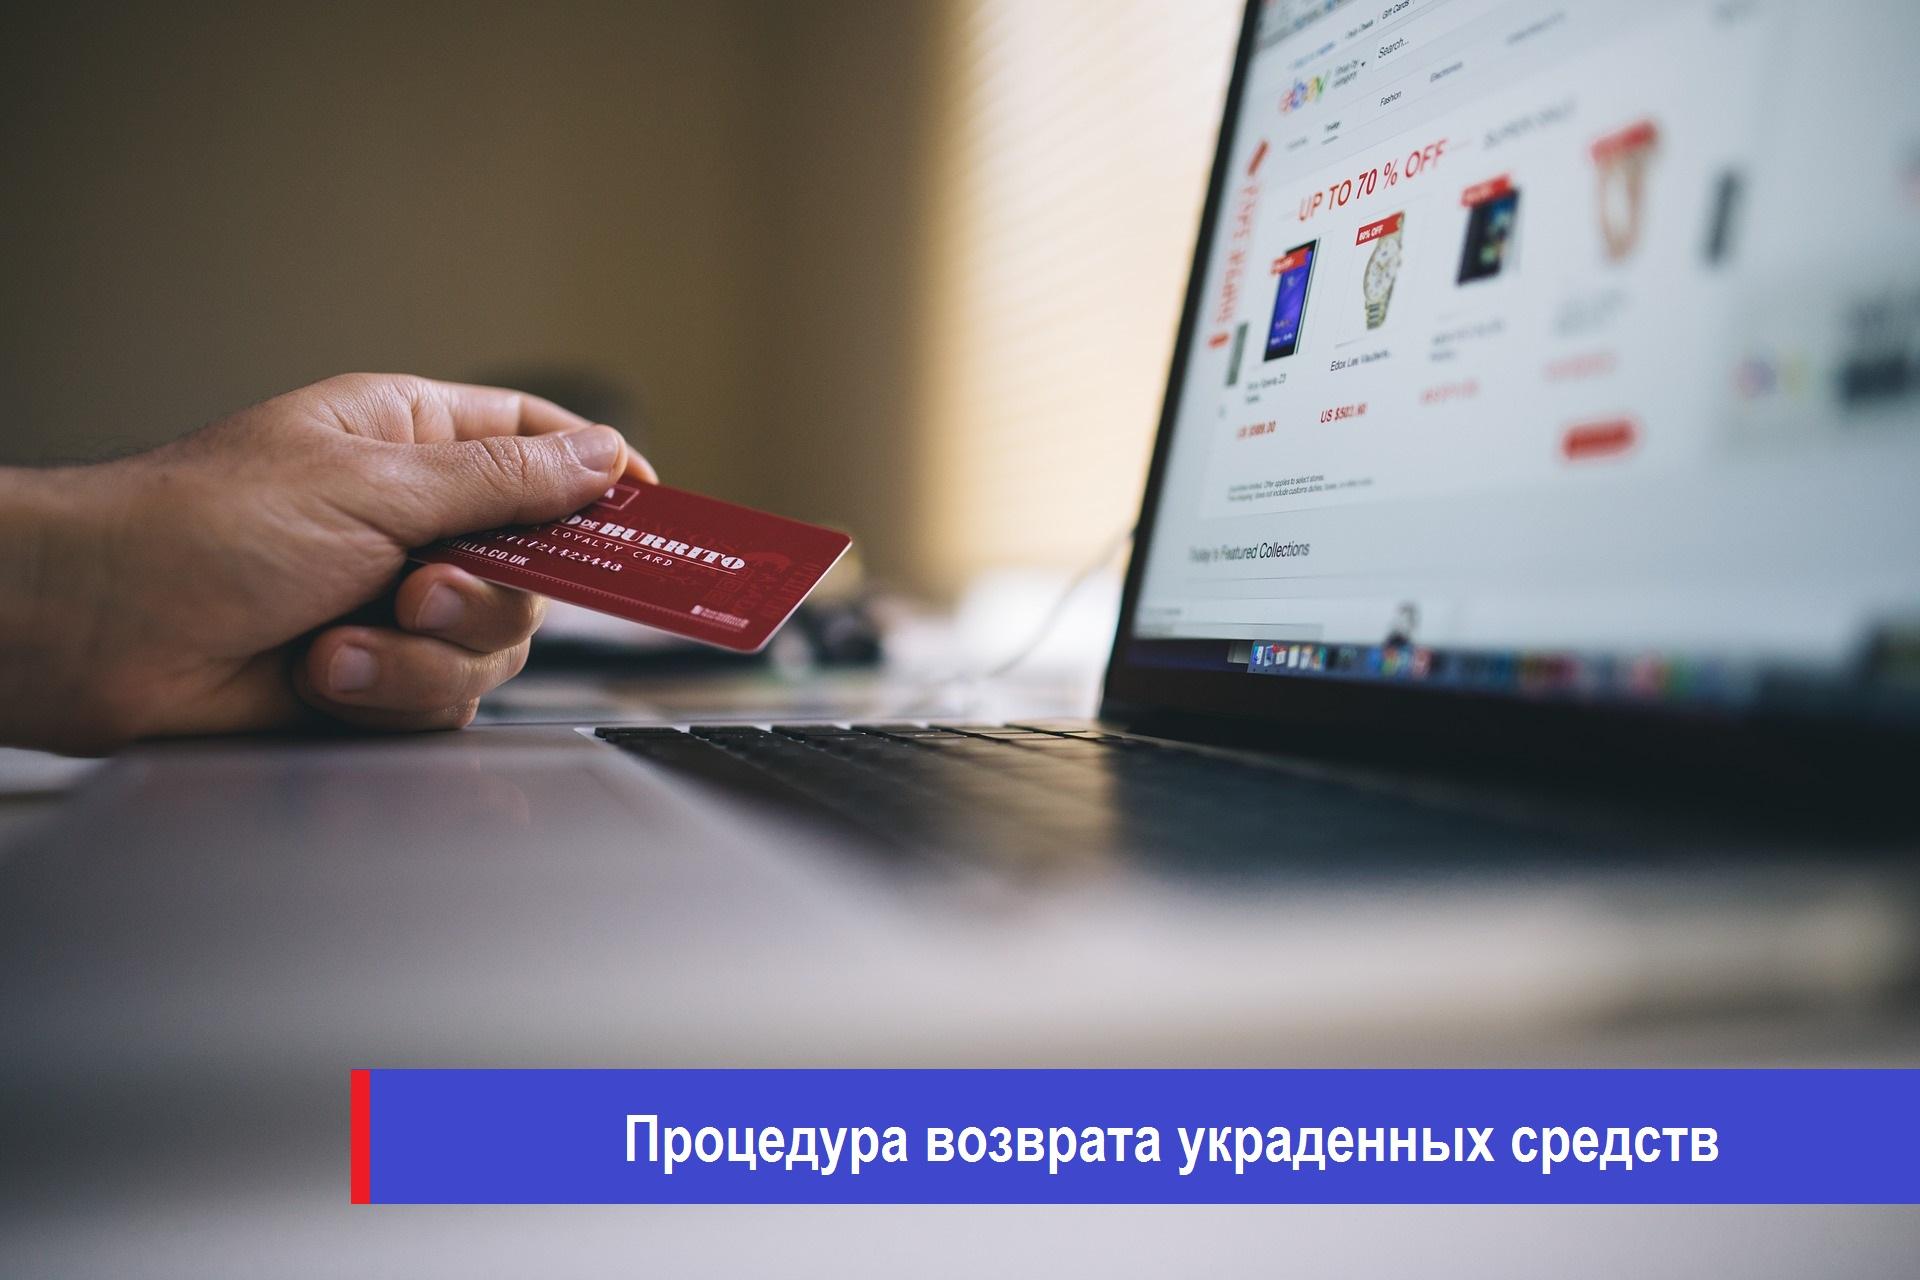 Возврат денег на кредитную карту покупателя при возврате товара